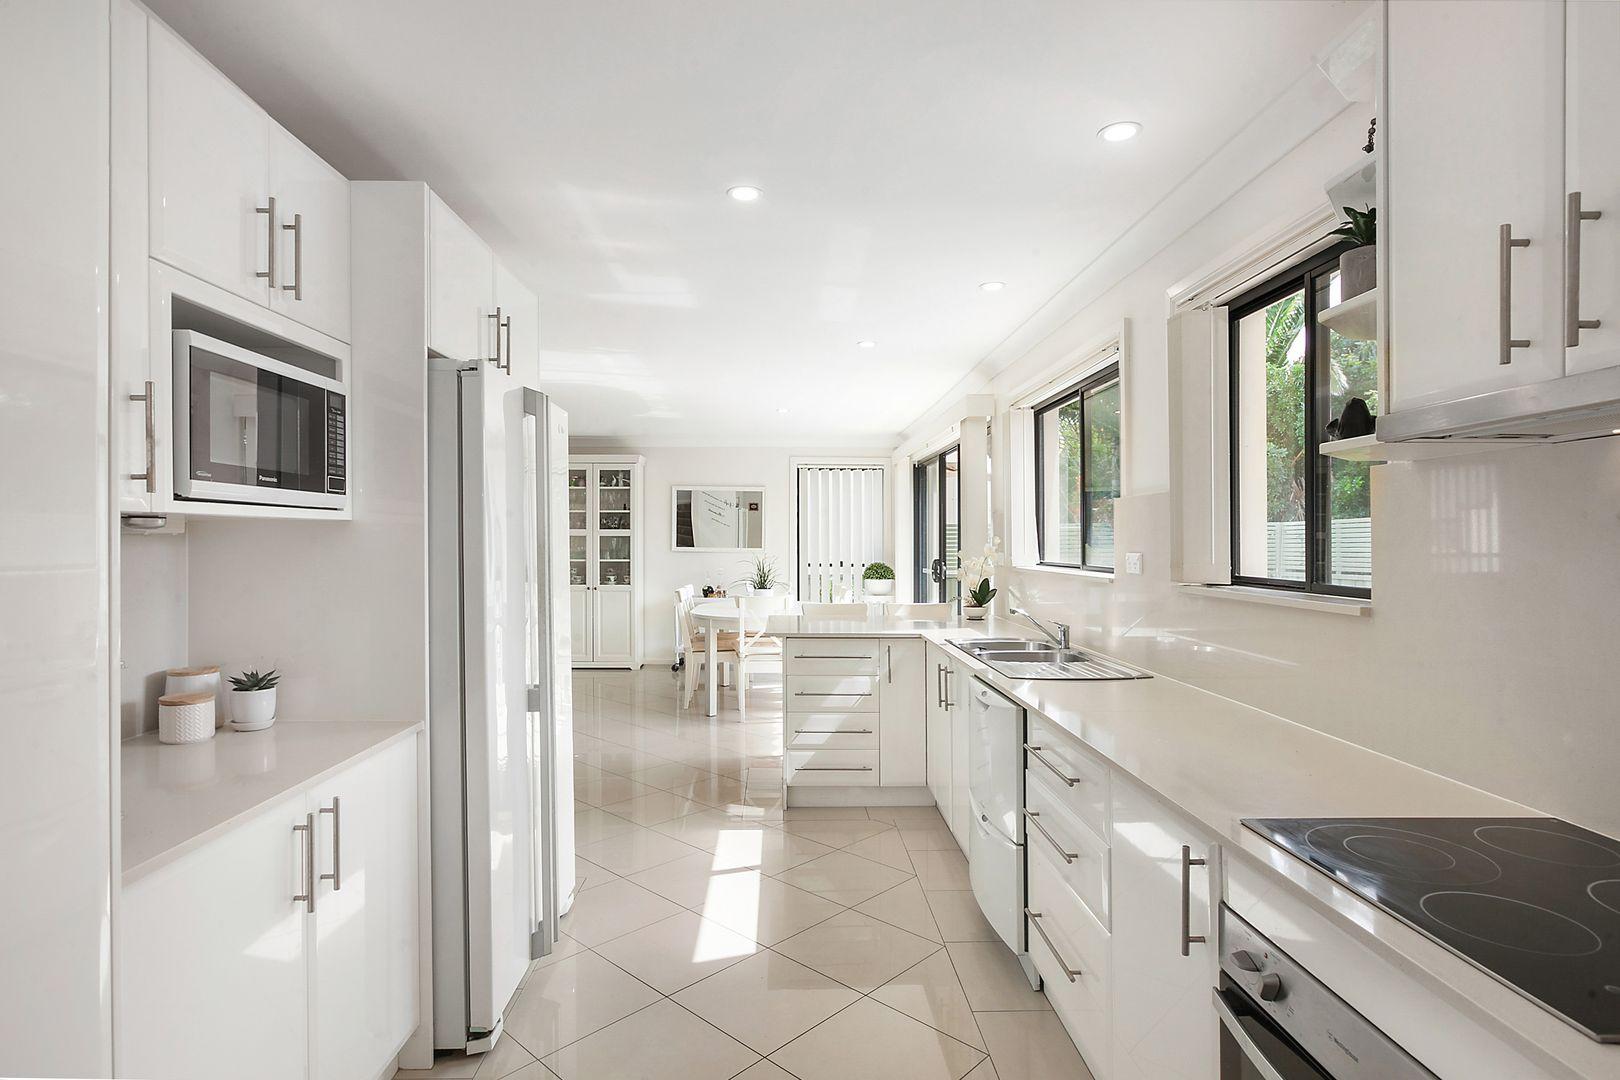 3/14 Oaks  Avenue, Long Jetty NSW 2261, Image 1